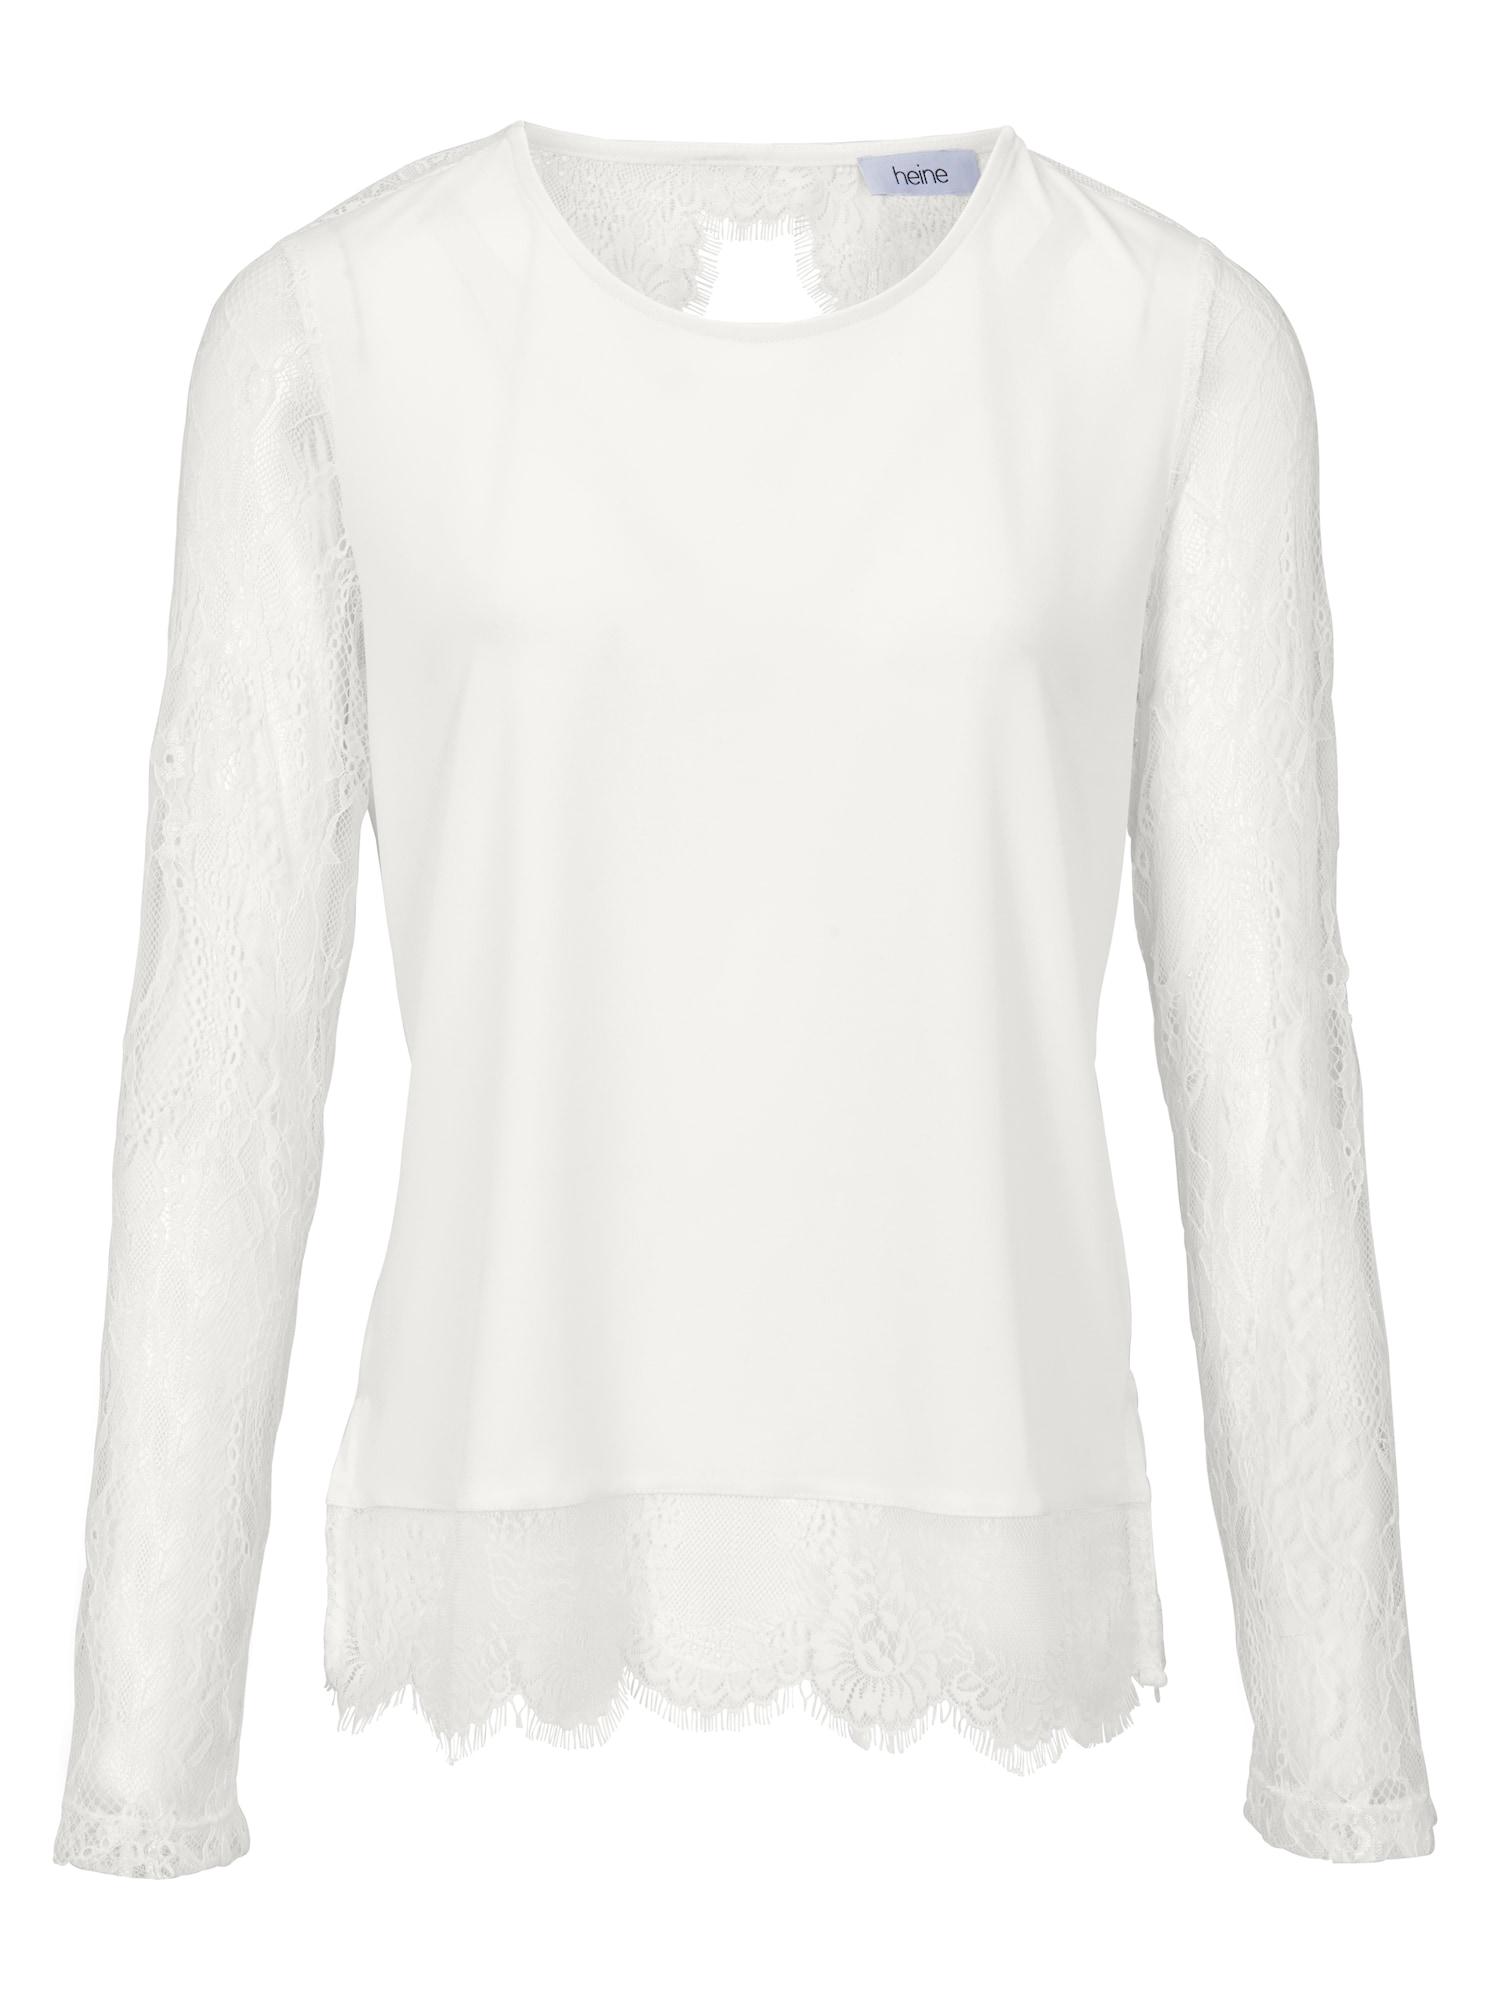 Spitzenshirt | Bekleidung > Shirts > Spitzenshirts | heine